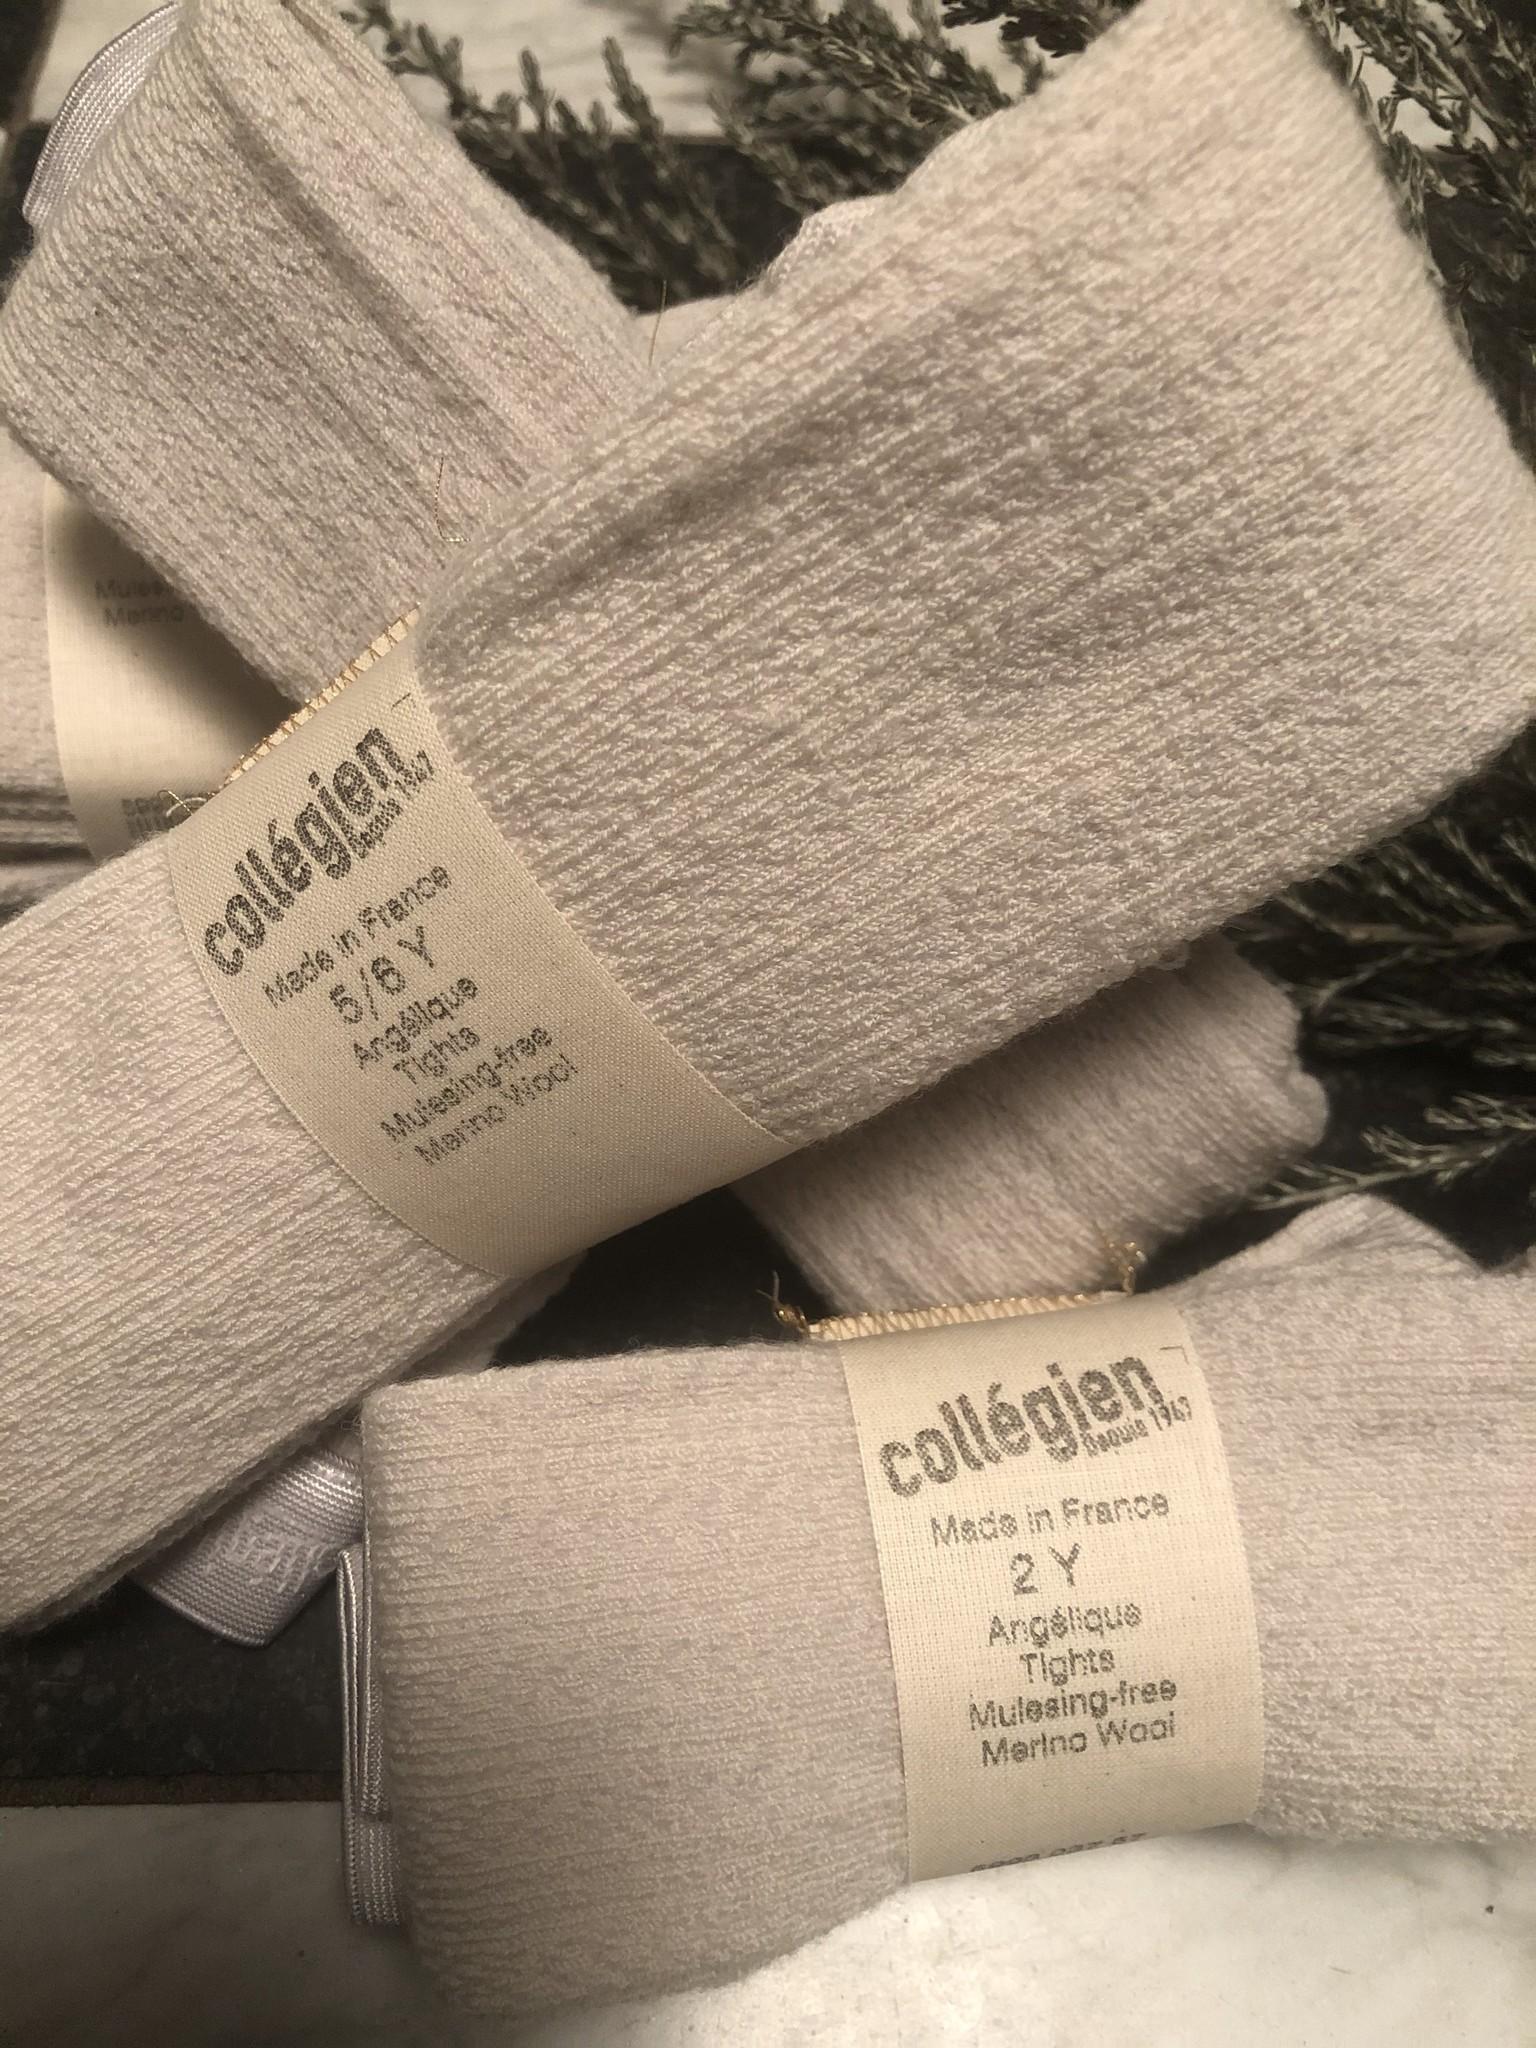 Collegien Collants Angelique maille ajouree laine Merinos Doux Agneaux (Maillot)-3